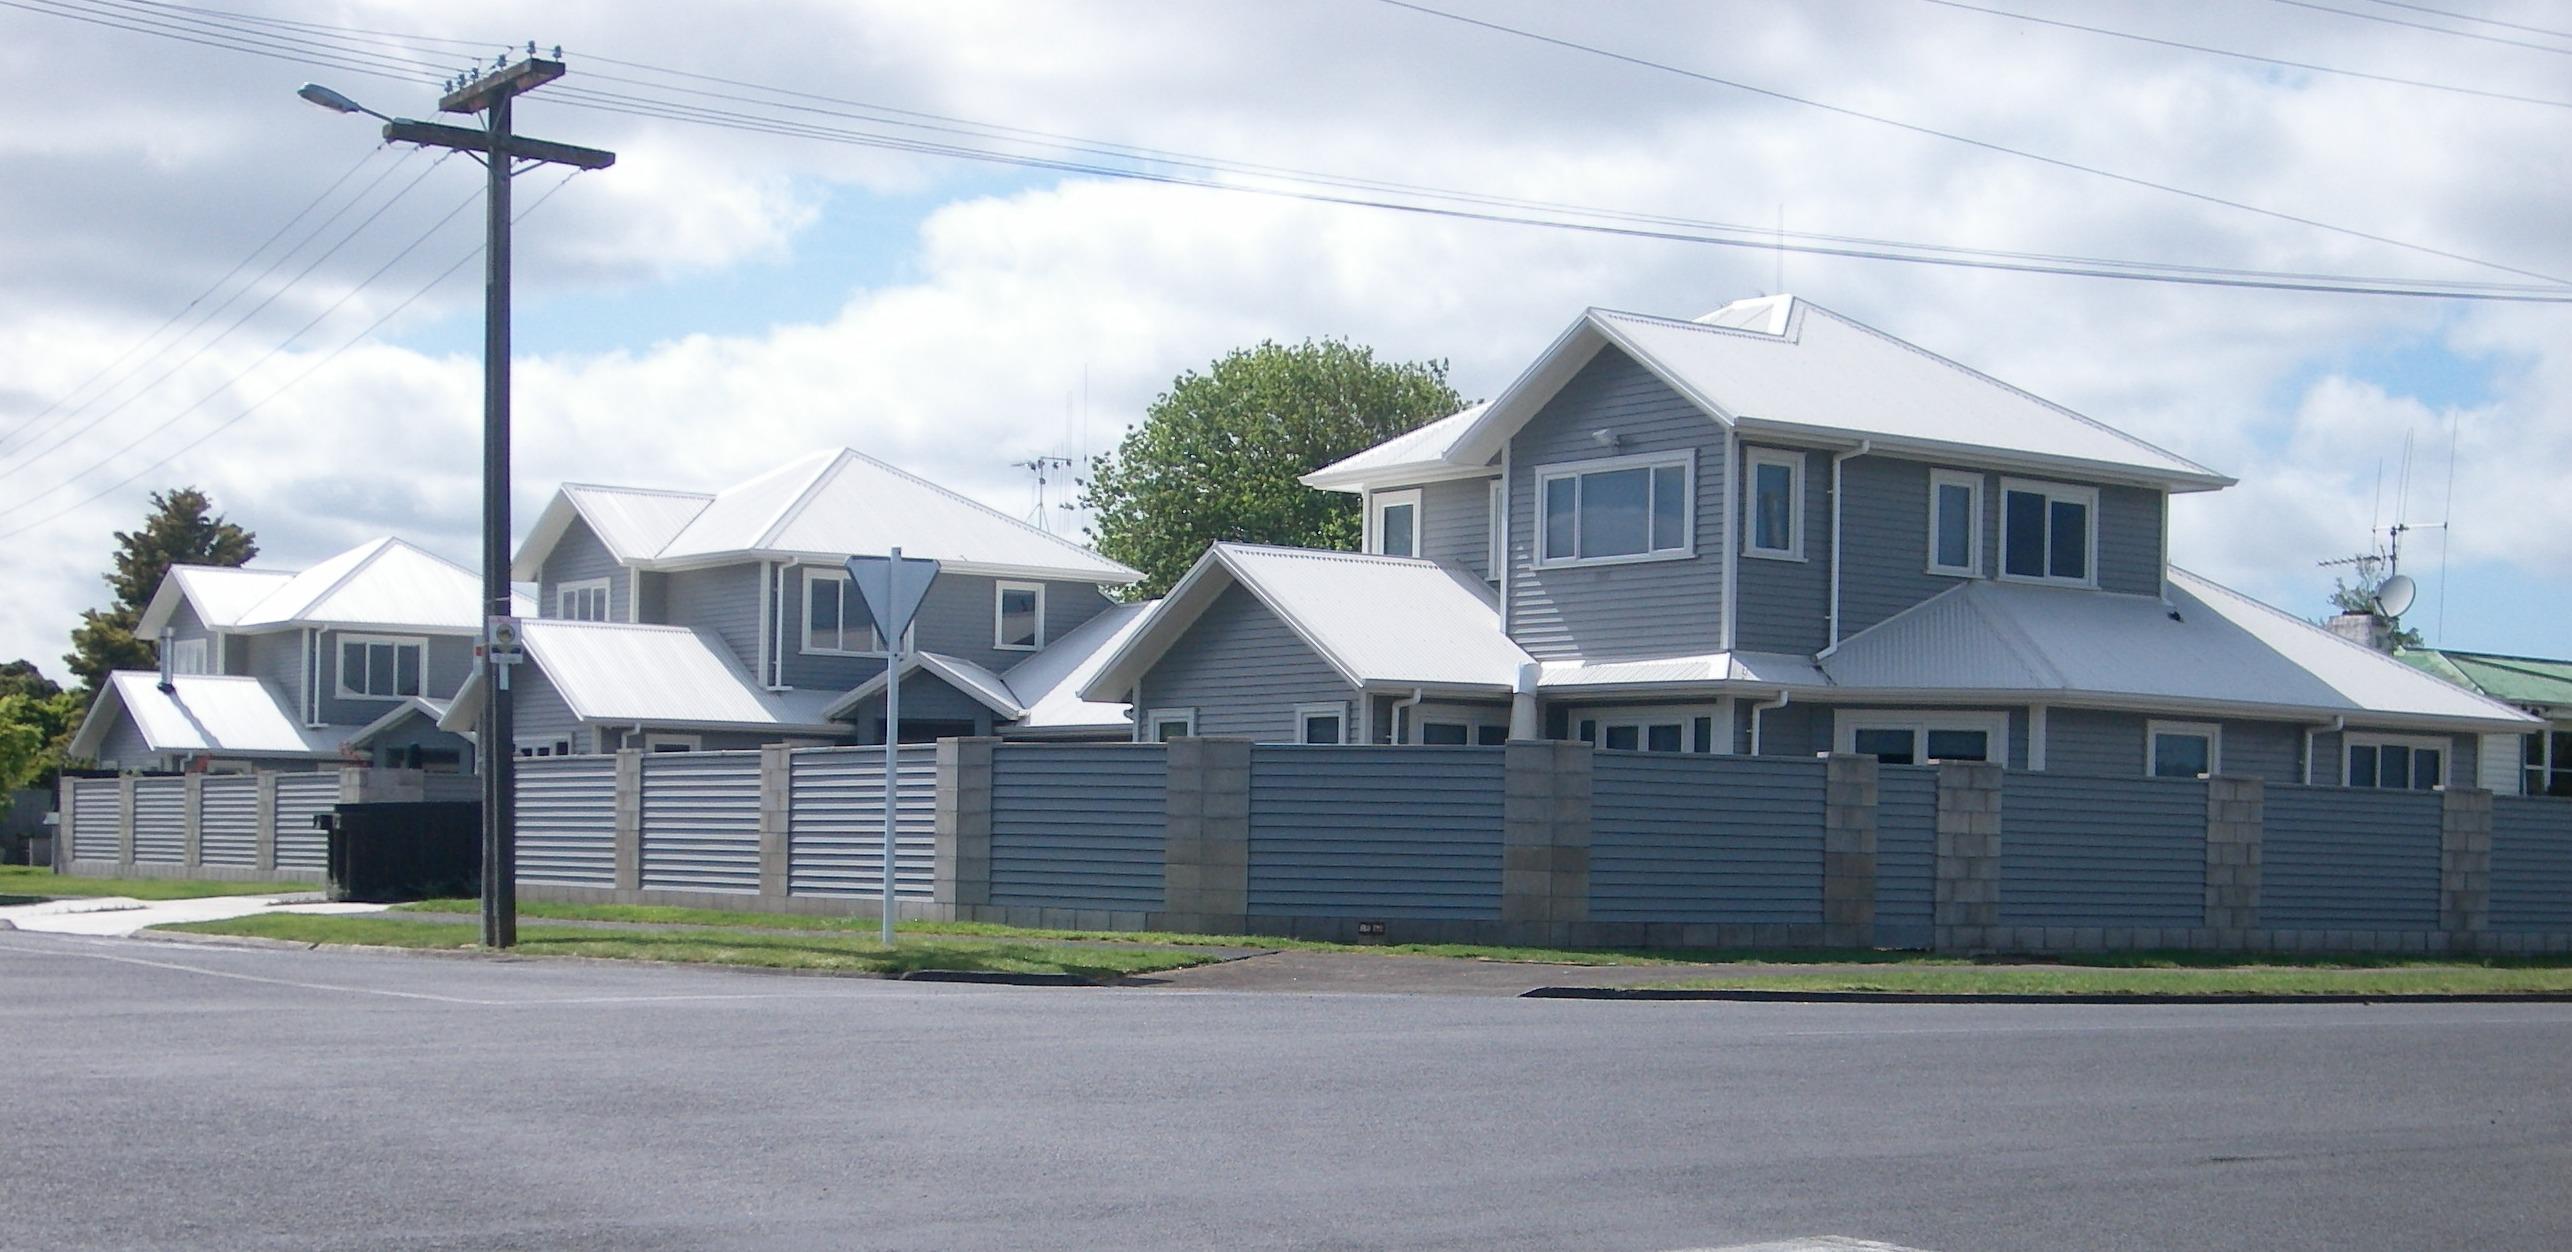 Queenwood Townhouses, Hamilton - Design & Build